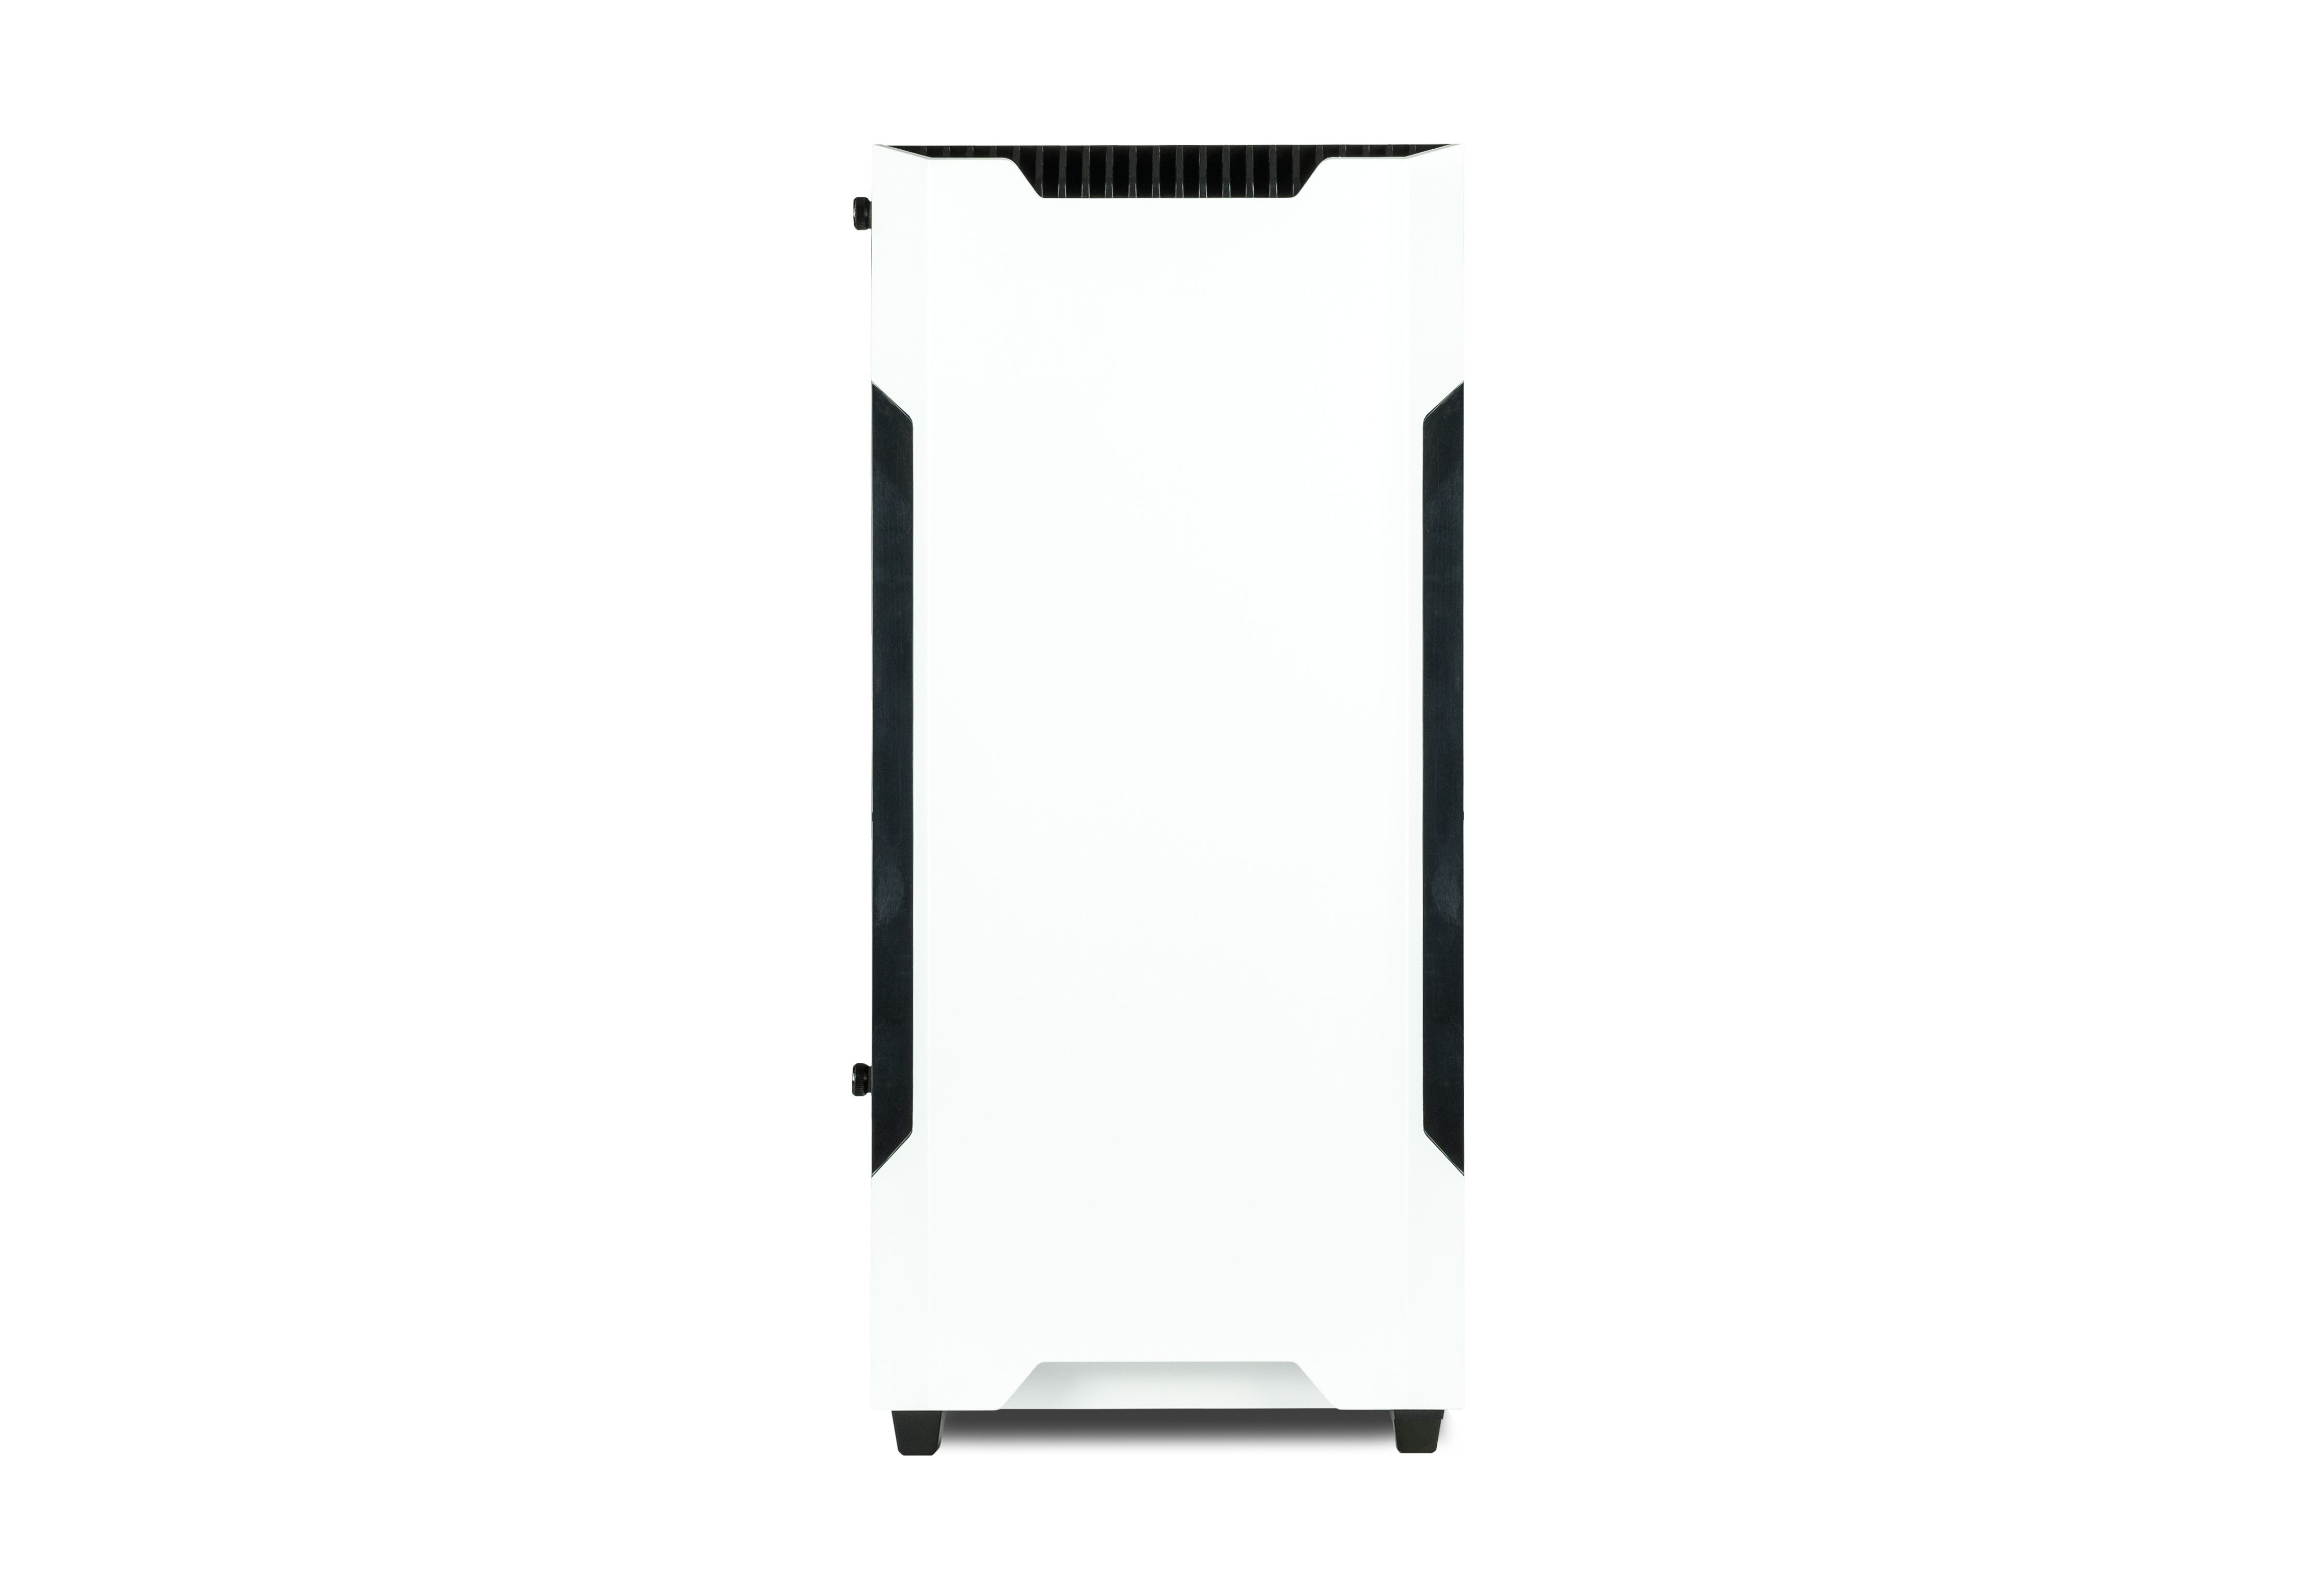 Nexus Evo White front